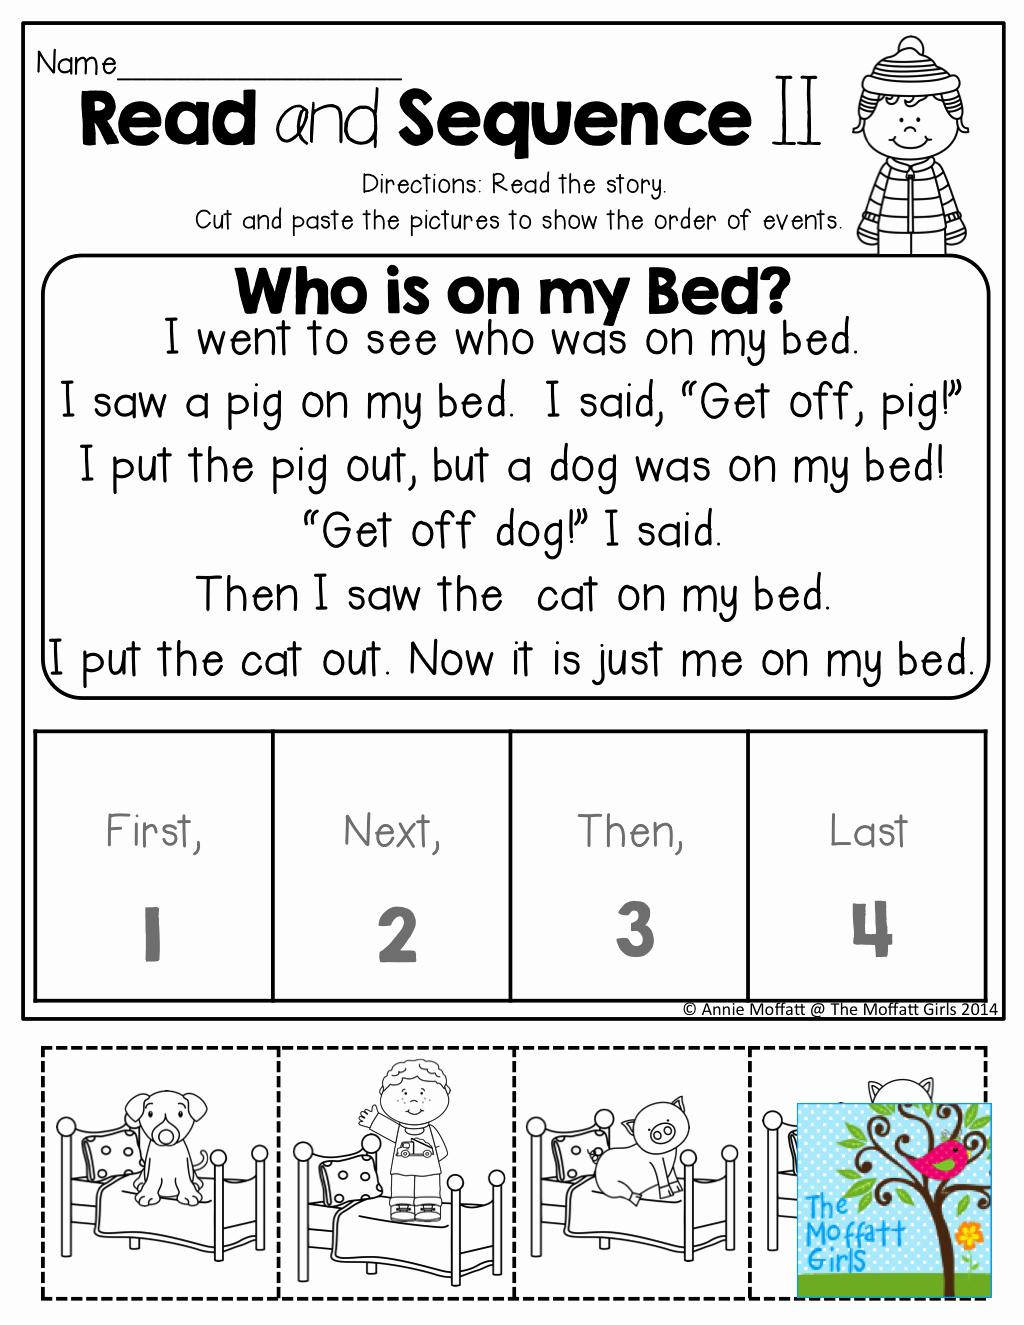 2nd Grade Sequencing Worksheets Elegant Free Printable Sequencing Worksheets 2nd Grade